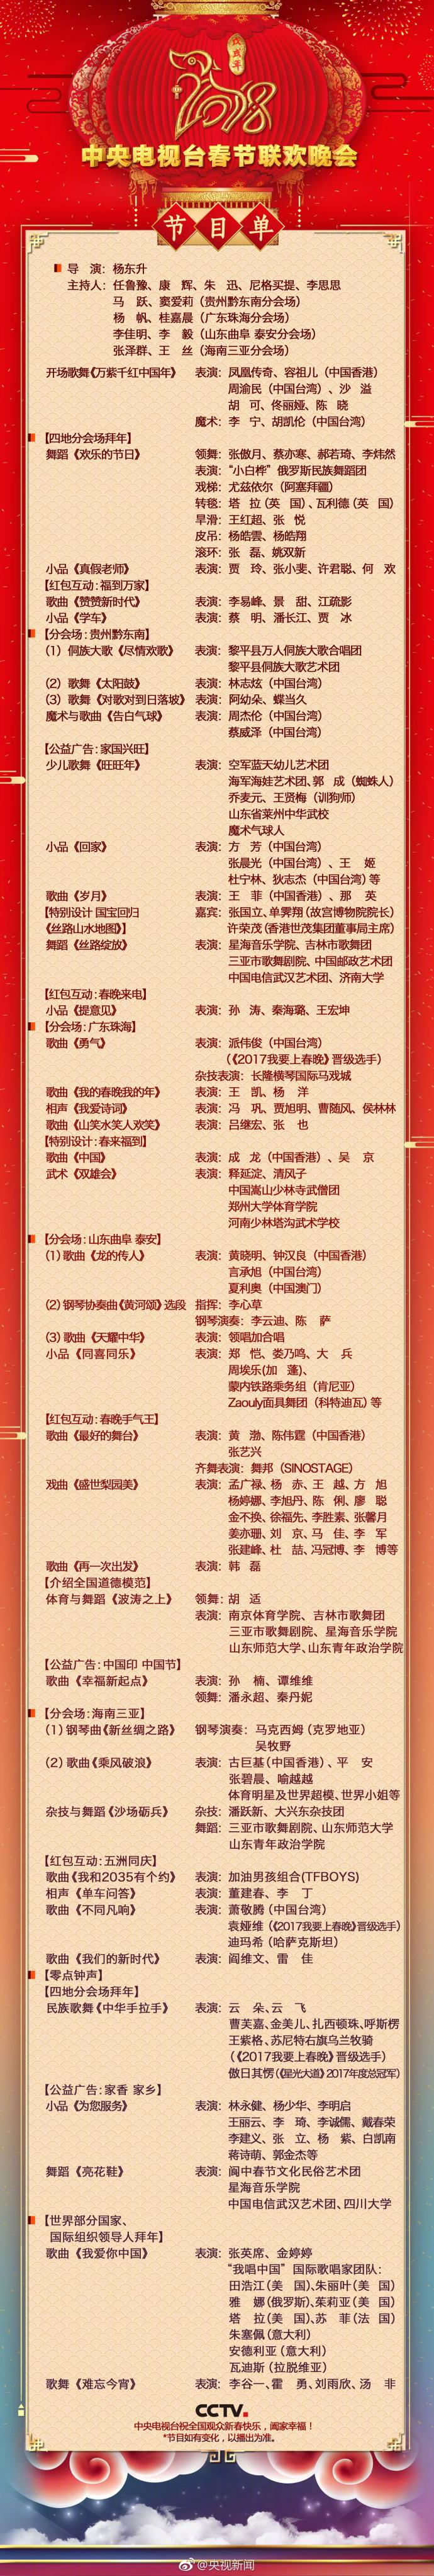 2018央视春晚节目单出炉:王菲那英再相约,《难忘今宵》还压轴!